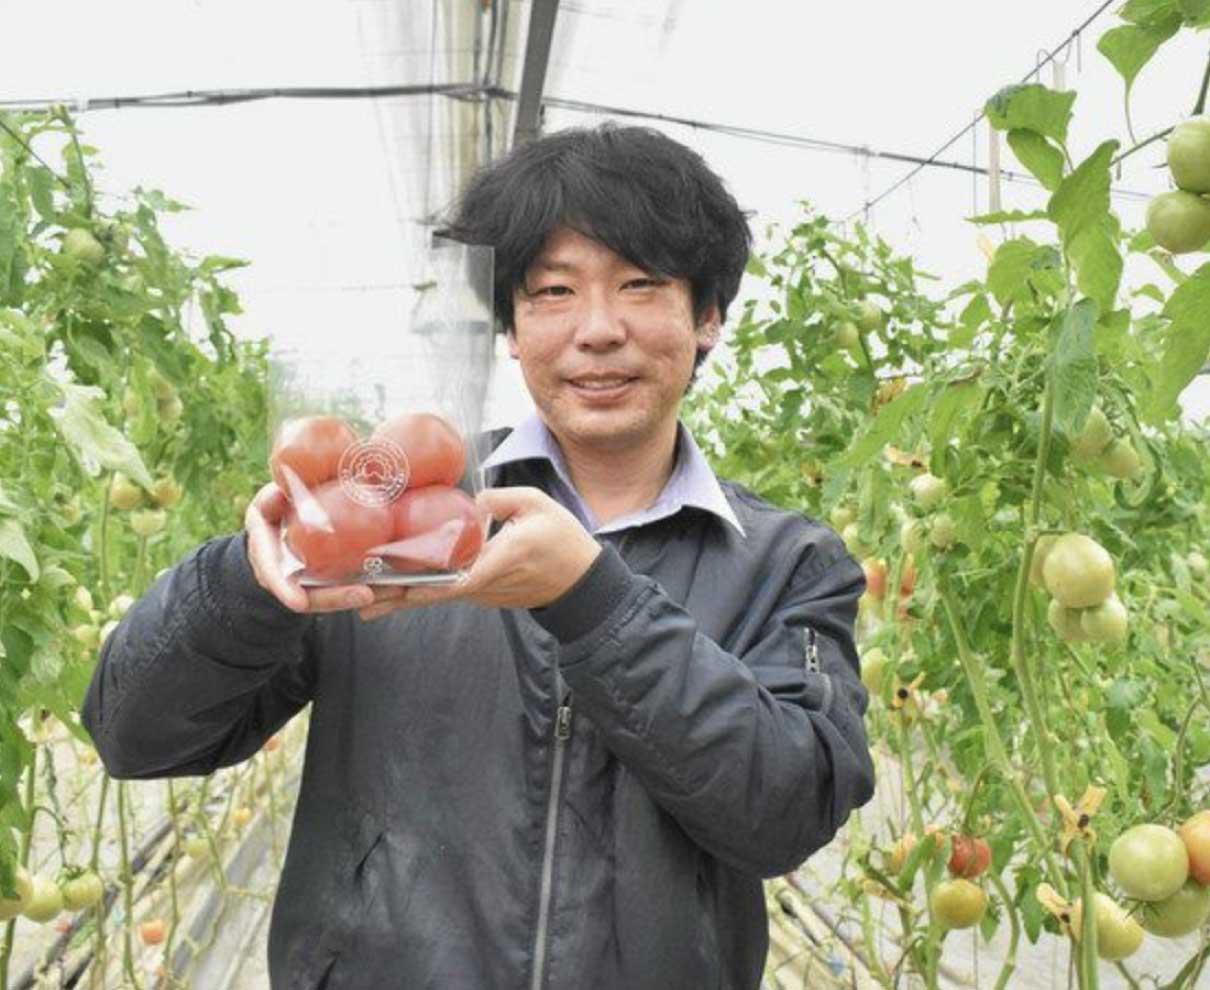 農家つなぐ新ブランド 越前市の明城さん作る